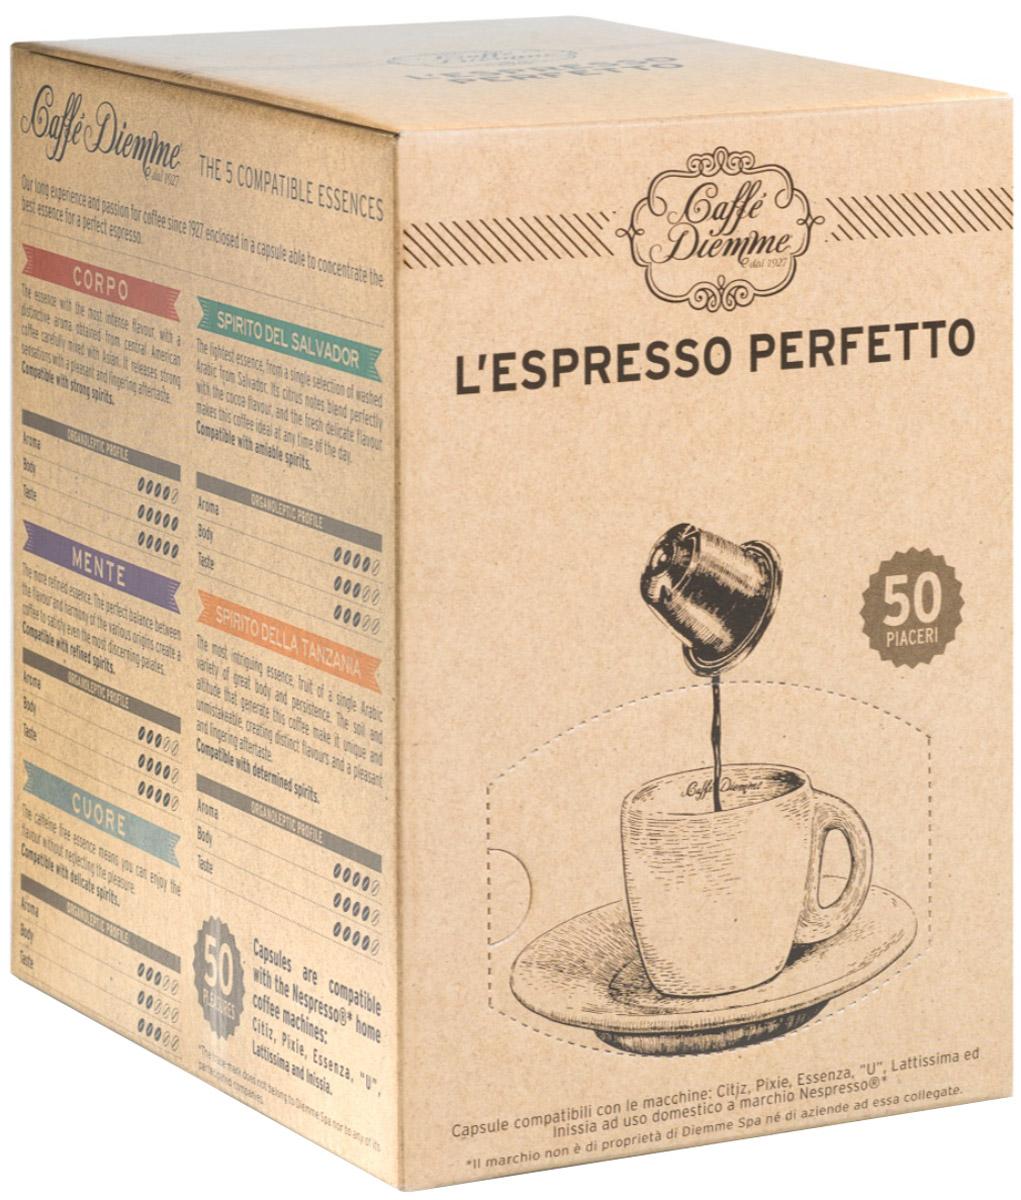 Diemme Caffe Spirito della Tanzania кофе в капсулах, моносорт, 50 штCIMPCH-000007Spirito della Tanzania - это самый загадочный аромат, он происходит от моносорта Арабика, отличающегося терпким долгосохранябщимся вкусом. Особые высокогорные условия придают этому кофе приятное и незабываемое послевкусие. Многолетняя семейная традиция, охватывающая почти девяносто лет стремлений и свершений фирмы Diemme Caffe, заключена в маленькой капсуле отражающей все богатство вкуса и неповторимость аромата идеального эспрессо.Уважаемые клиенты! Обращаем ваше внимание на то, что упаковка может иметь несколько видов дизайна. Поставка осуществляется в зависимости от наличия на складе.